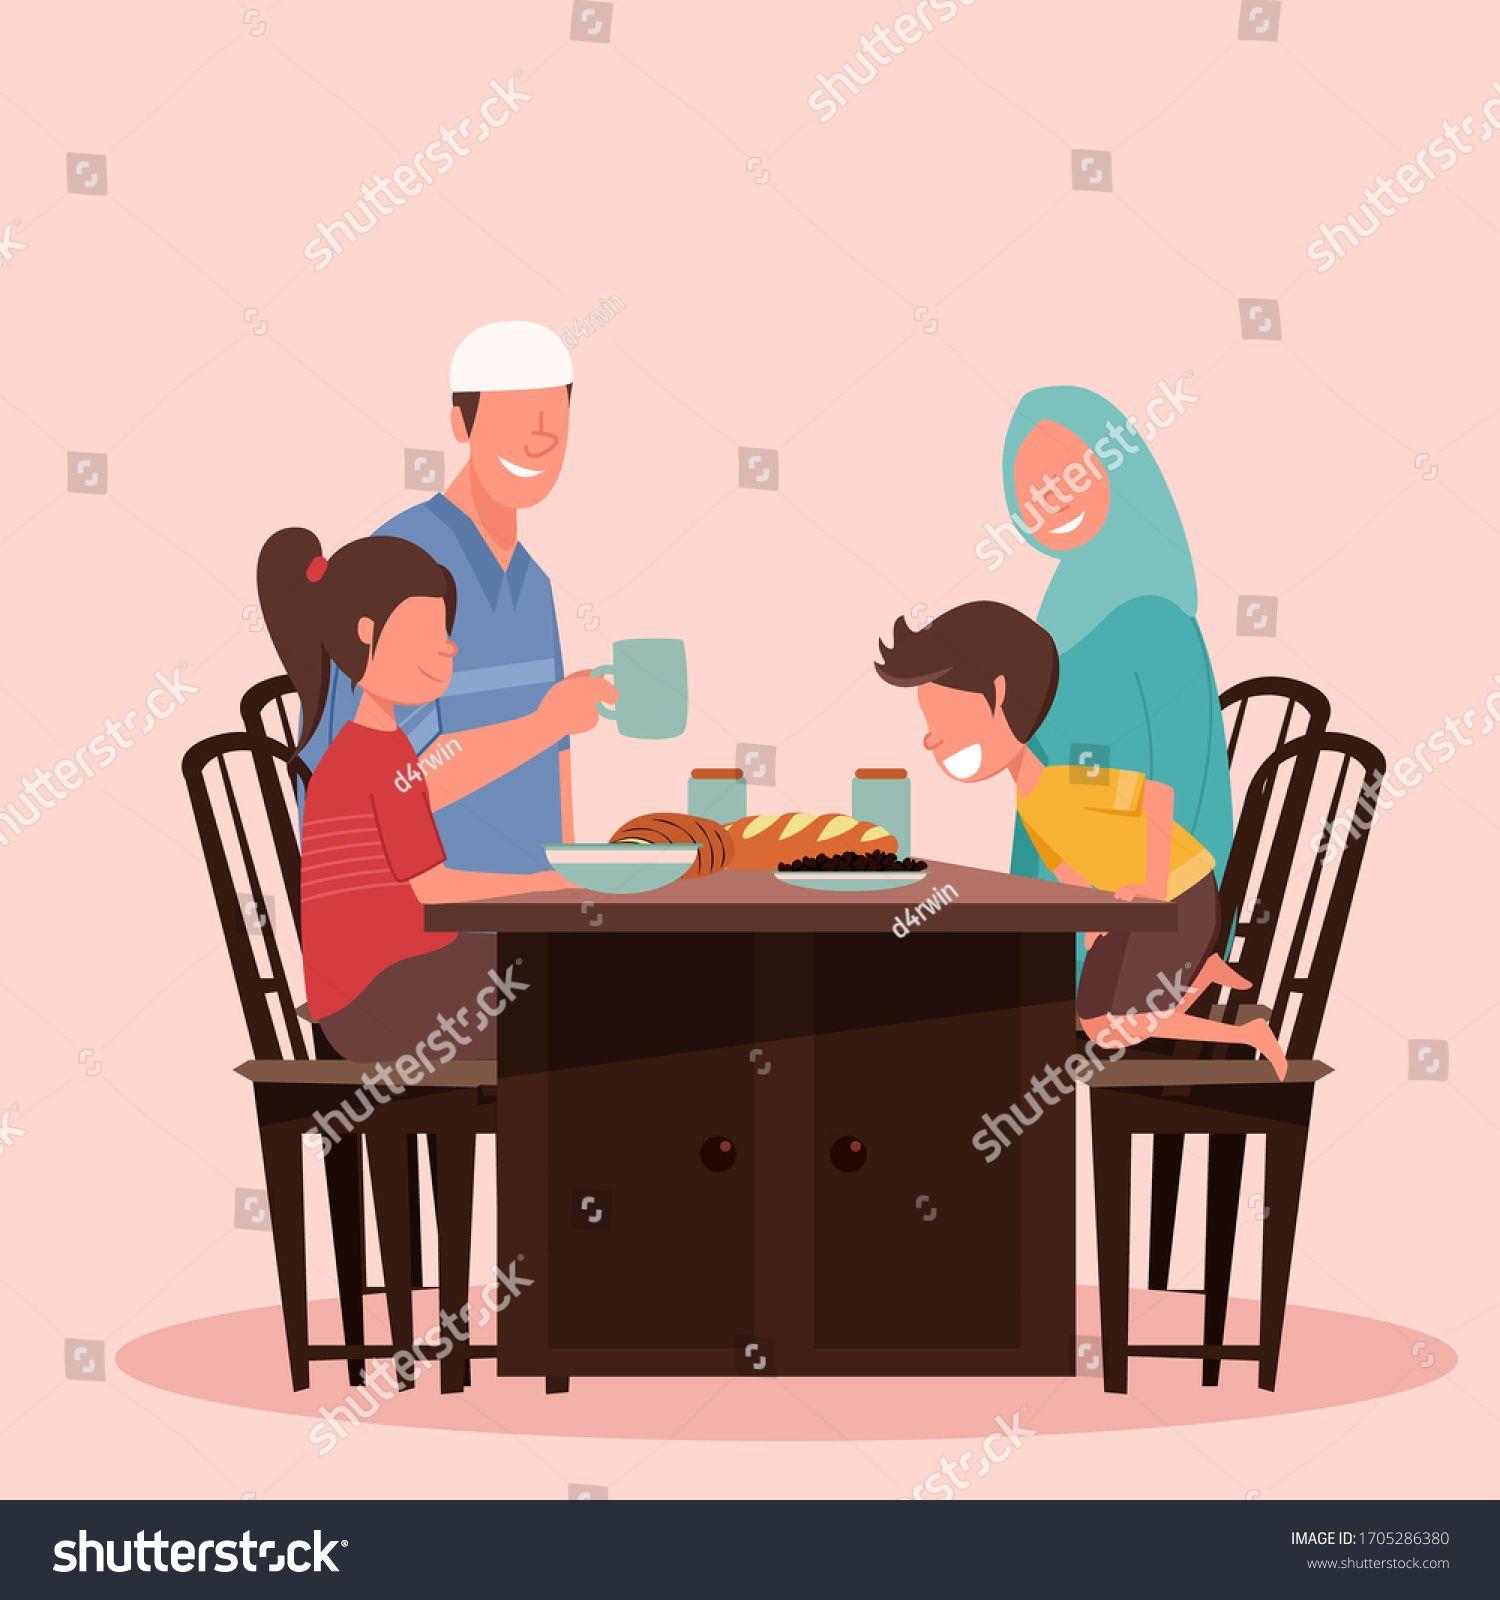 Tradisi Keluarga Saya dalam Membangunkan Sahur, dari Masa ke Masa